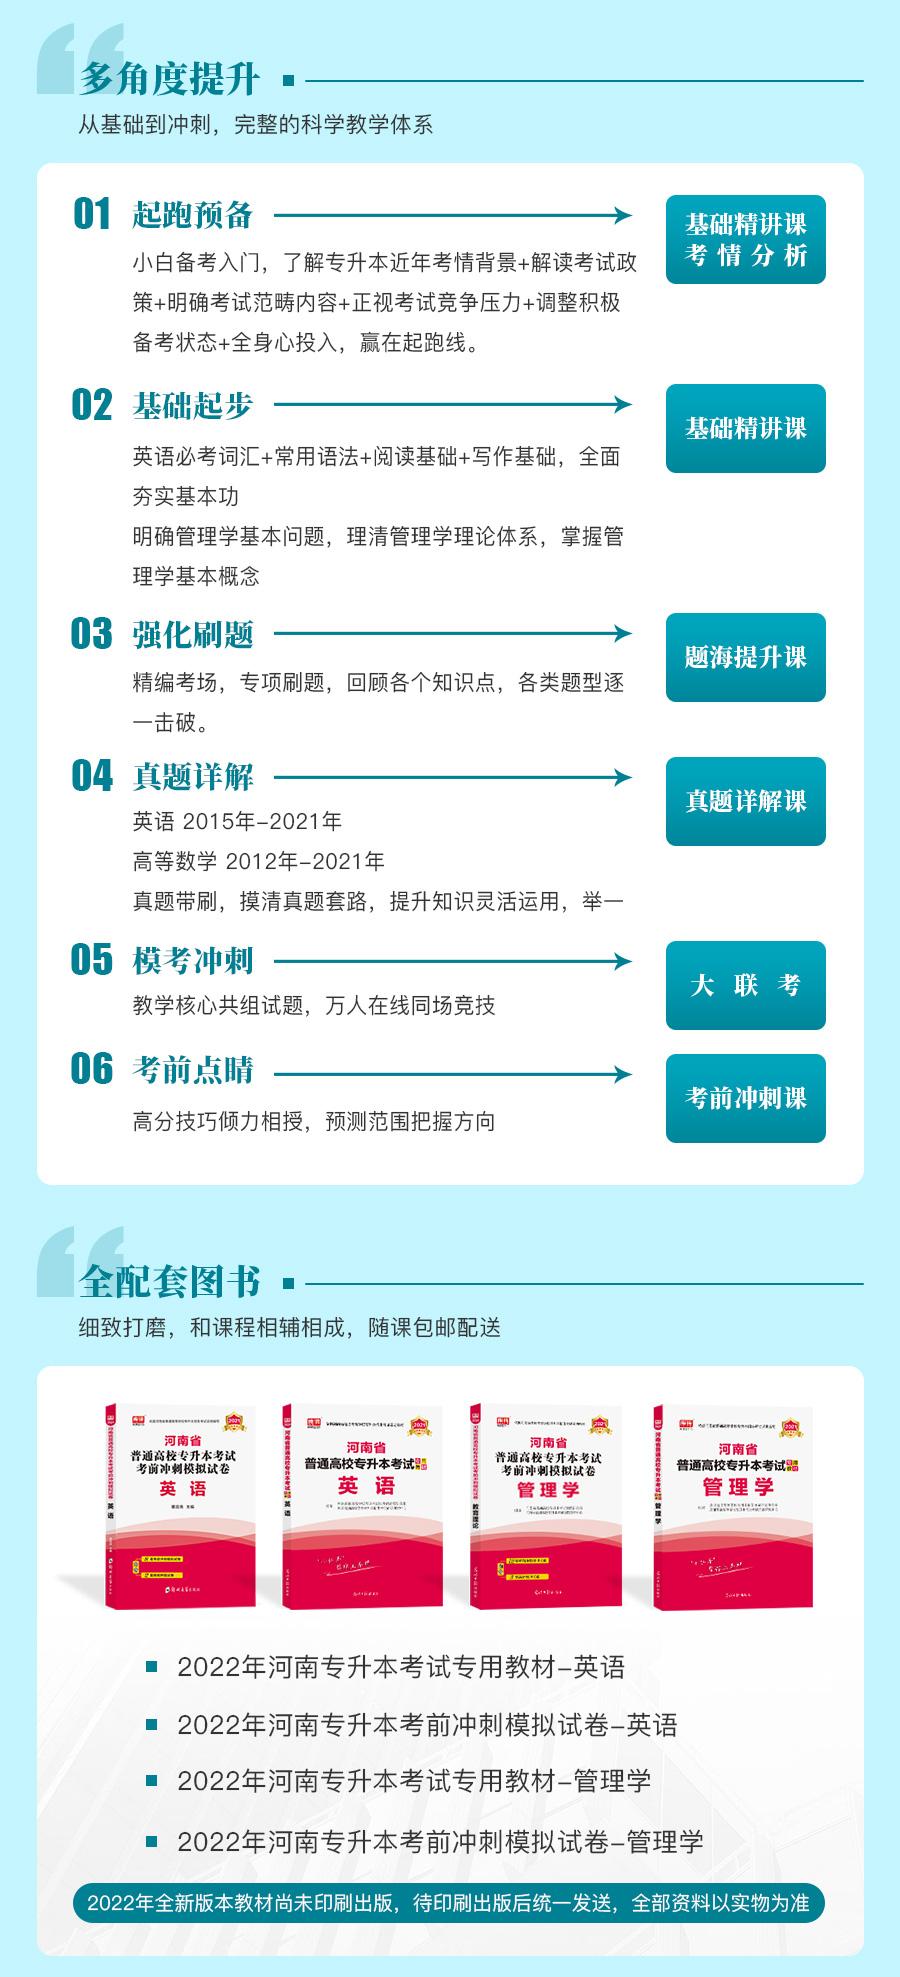 河南-vip-英语+管理_05.jpg